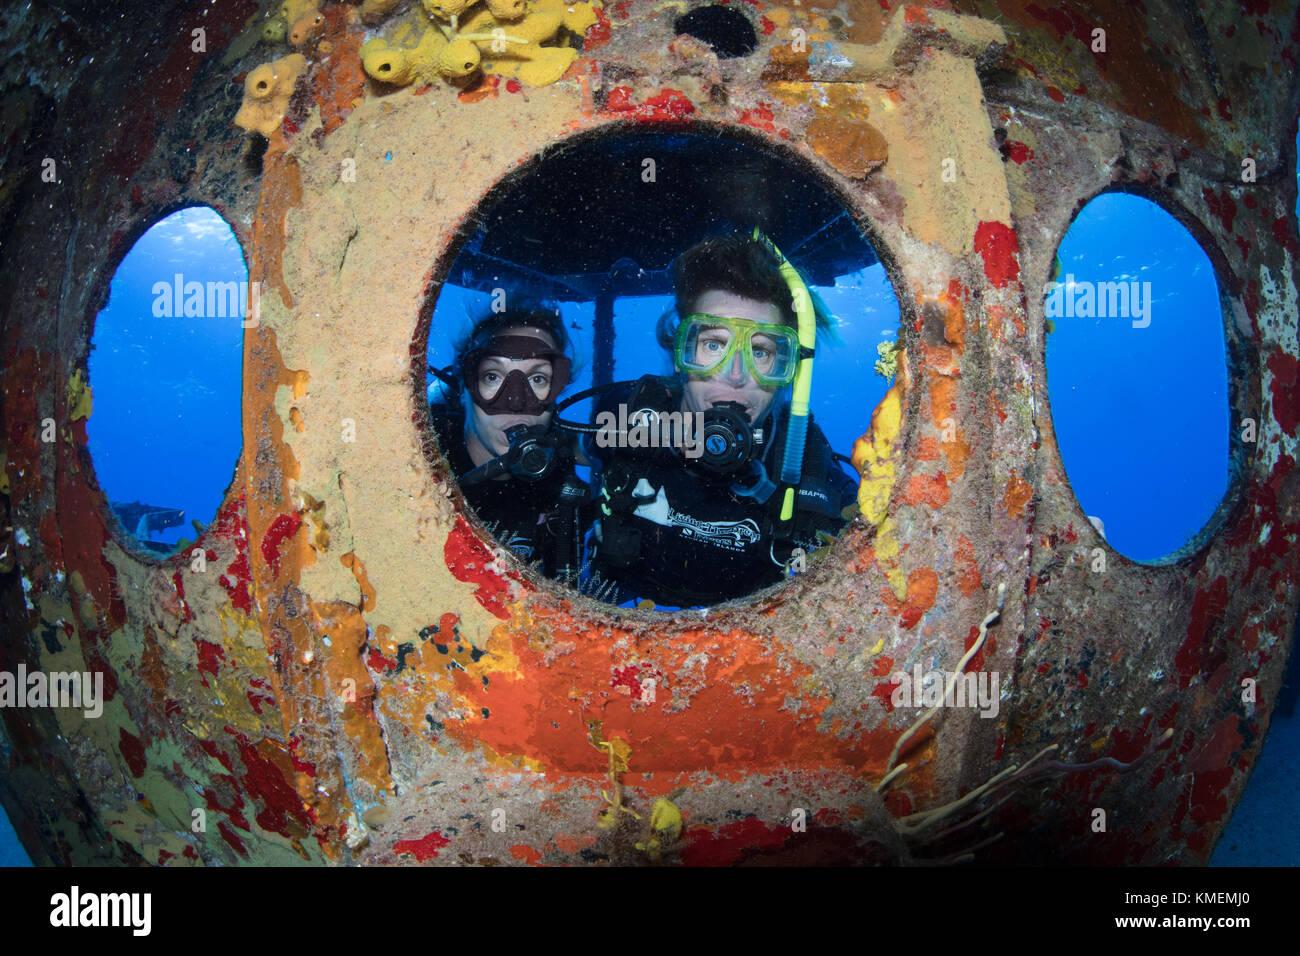 Los buceadores peer a través de ojo de buey en uss kittiwake. Foto de stock